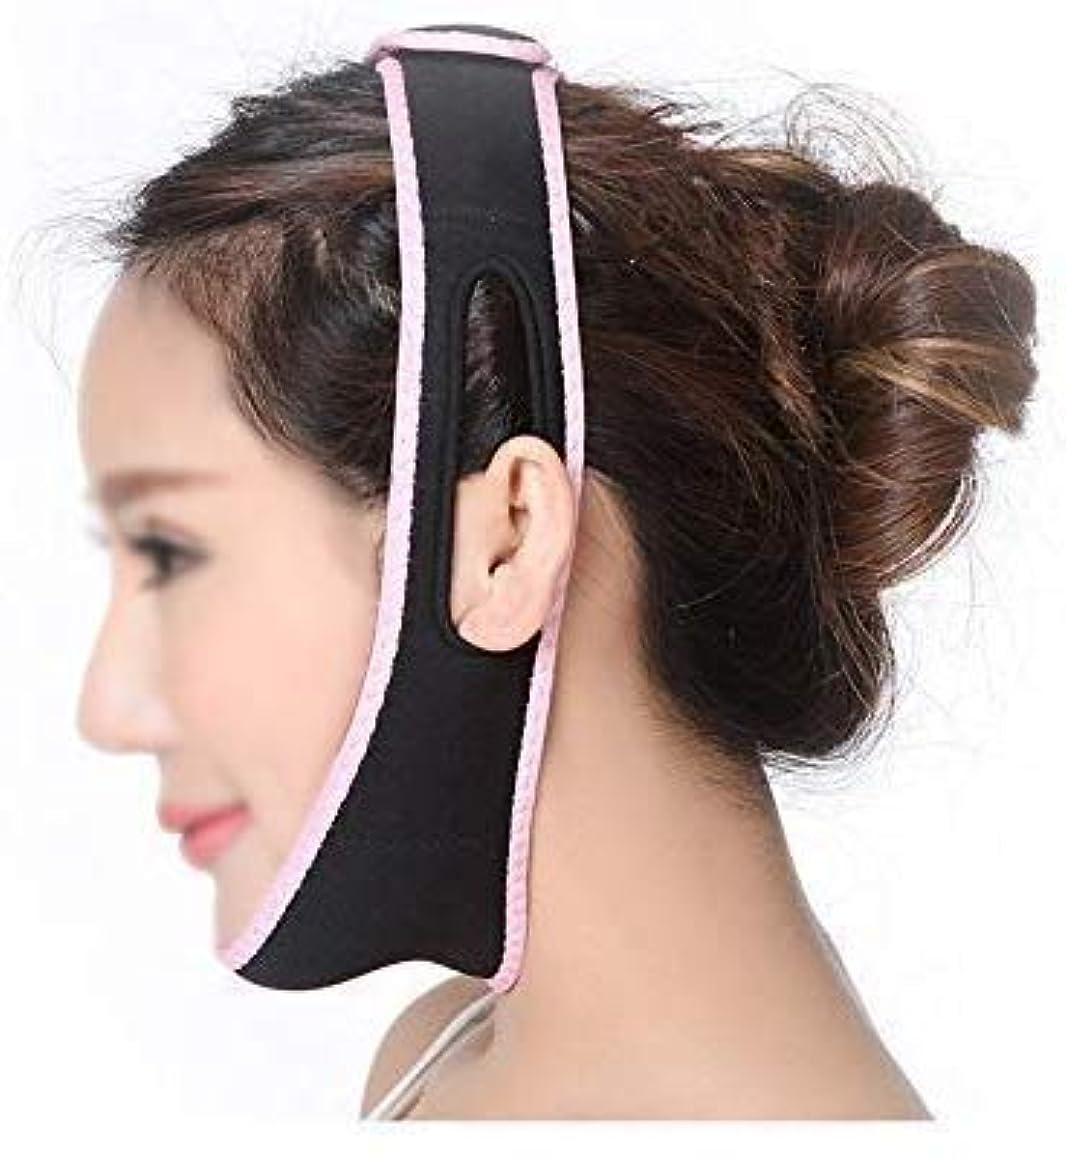 適切な抽出元気な美容と実用的なファーミングフェイスマスク、フェイスリフトフェイシャルシンフェイスアーティファクトスリープ付き3DシンフェイスシンフェイスマスクスモールVフェイスバンデージからダブルチンシンフェイスリフター引き締め包帯